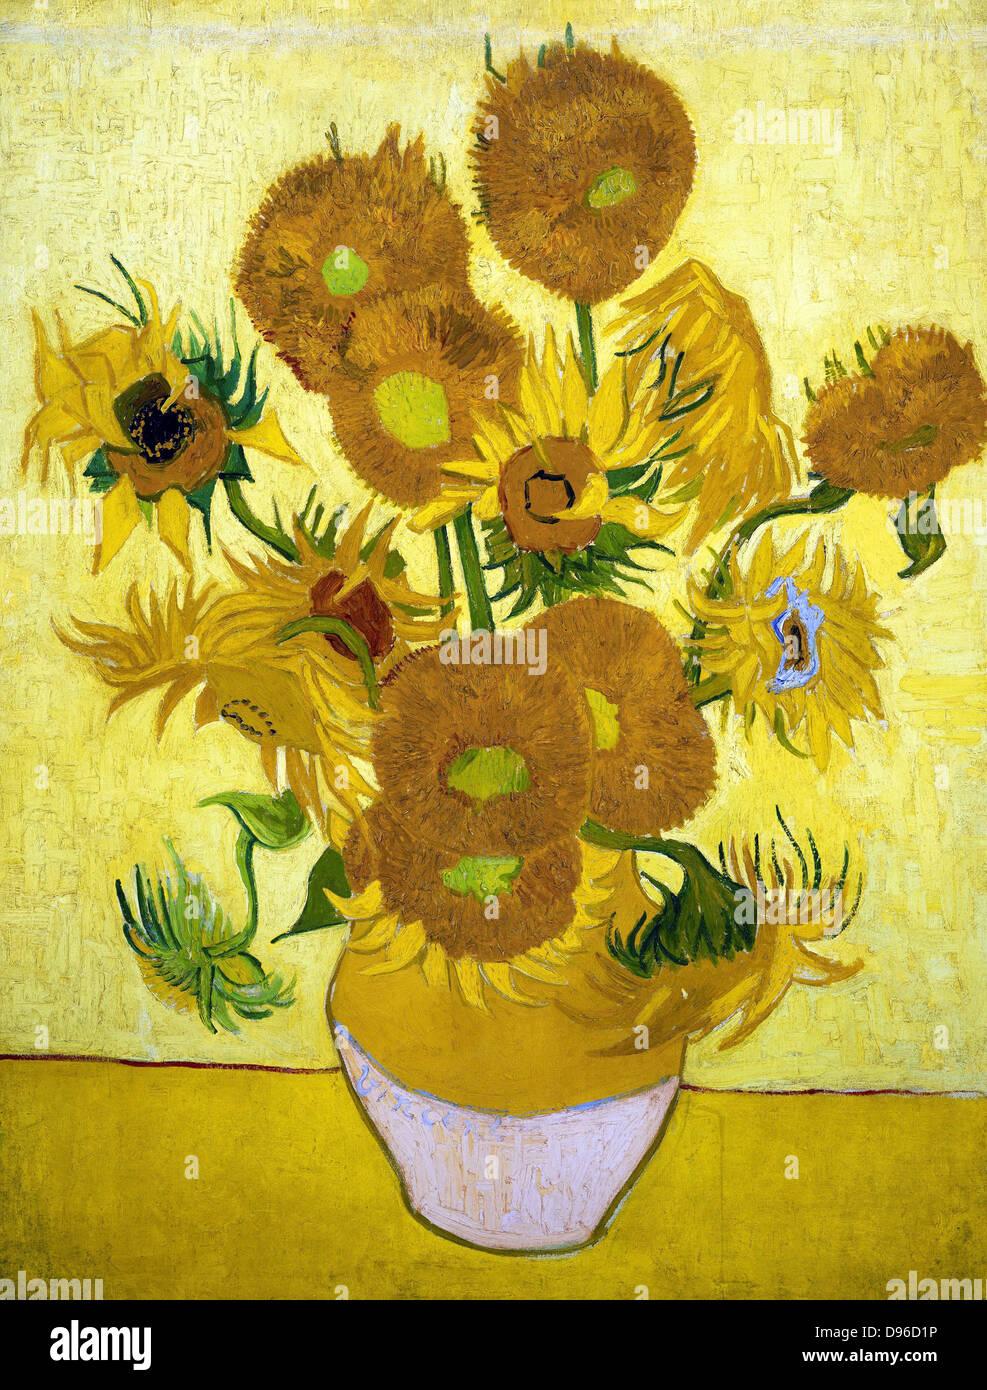 La pittura di girasoli, 1888. Di Vincent van Gogh. Olio su tela. Immagini Stock